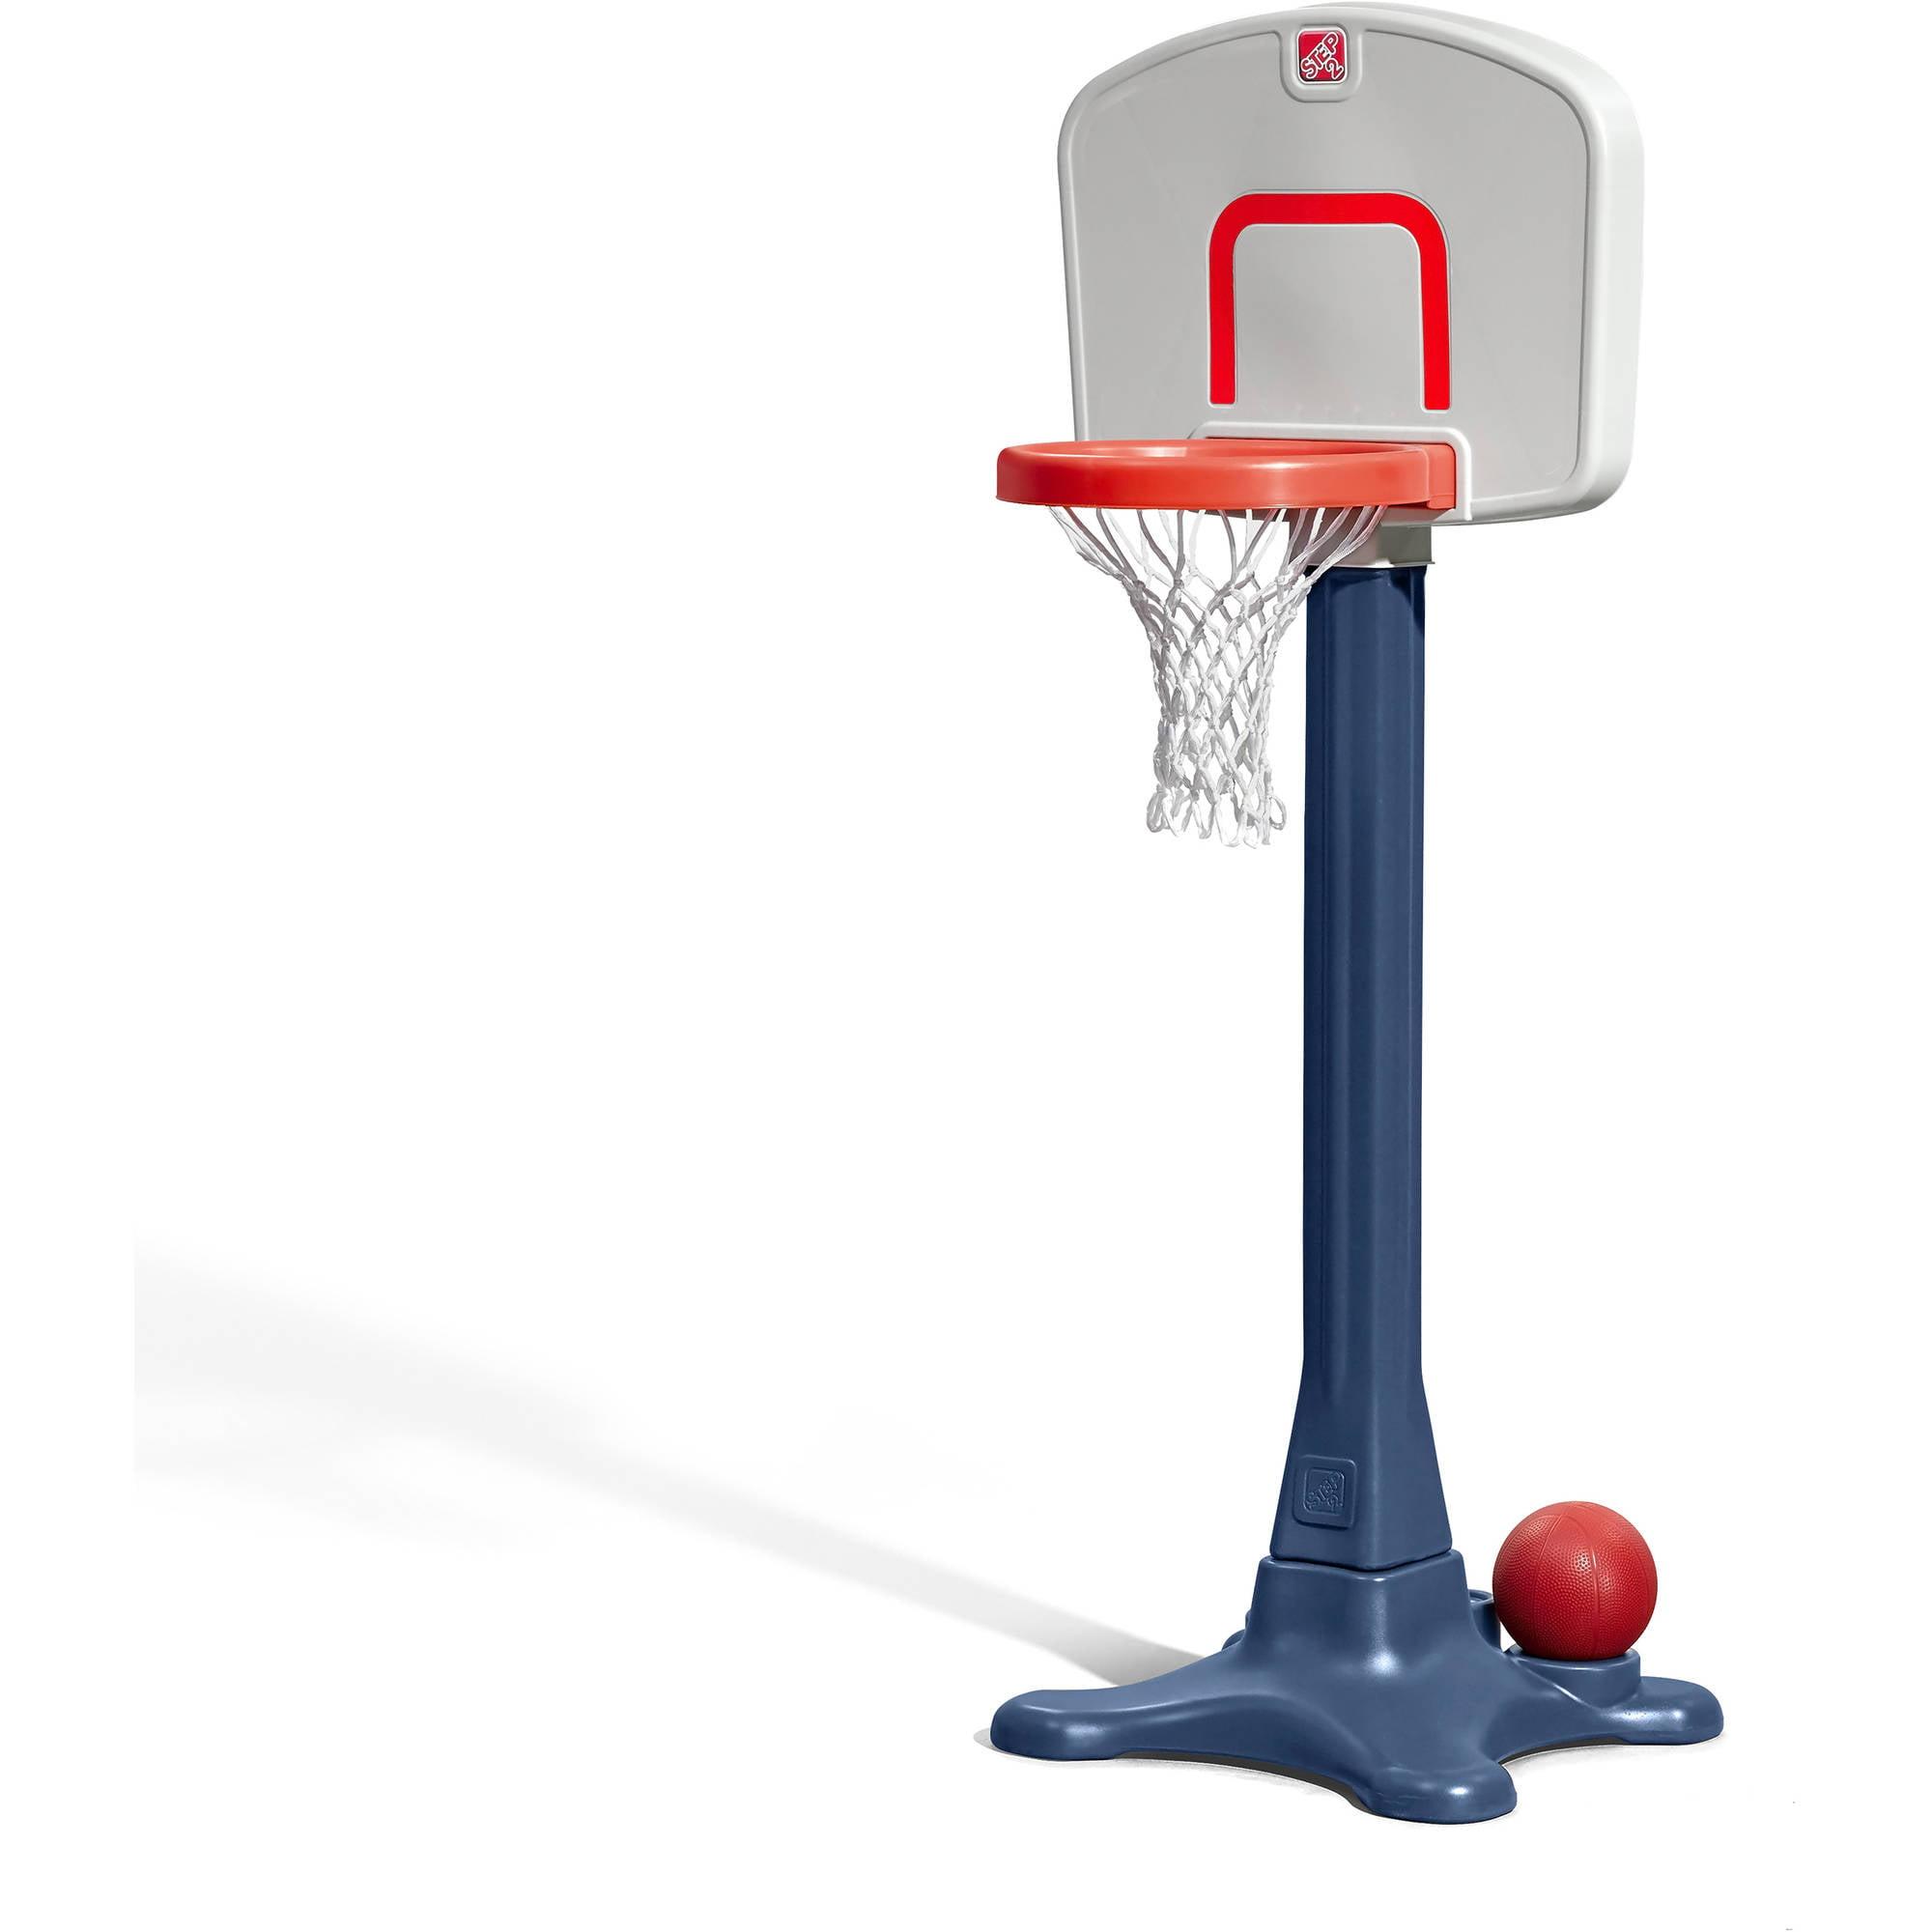 Kingdom GB Jumpshot Kit de basket-ball portable avec fixation murale pour porte et panneau de basket-ball